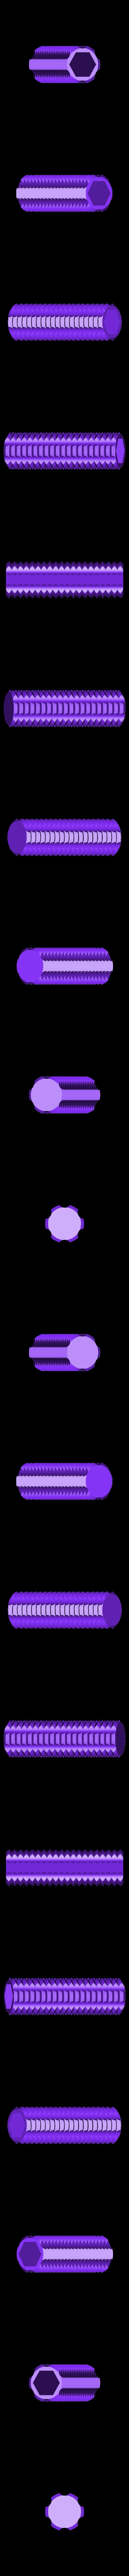 caran_dache_fixpencil_22_metal_adonit_endcap.stl Download free STL file Fixpencil 22 + Adonit Jot custom iPad stylus End Cap • 3D print design, AlbertKhan3D